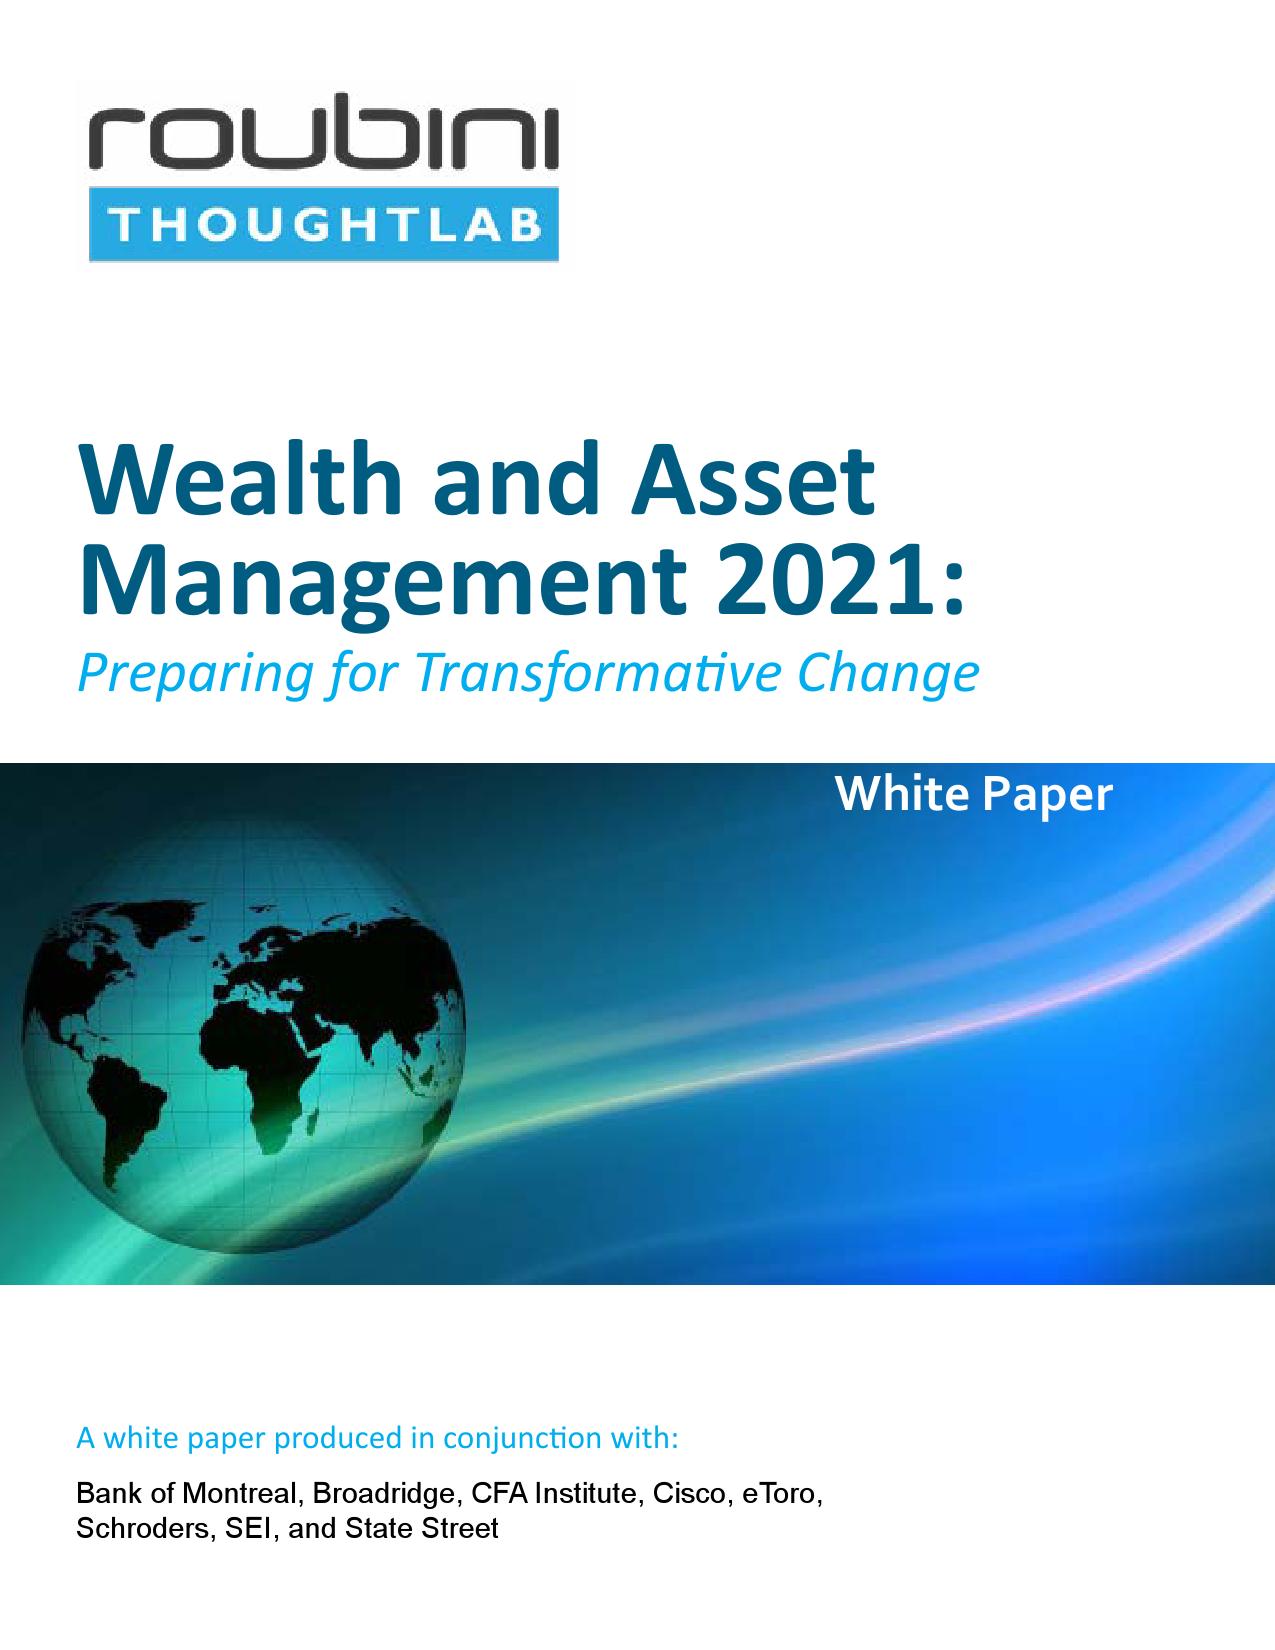 2021年资产和资产管理_000001